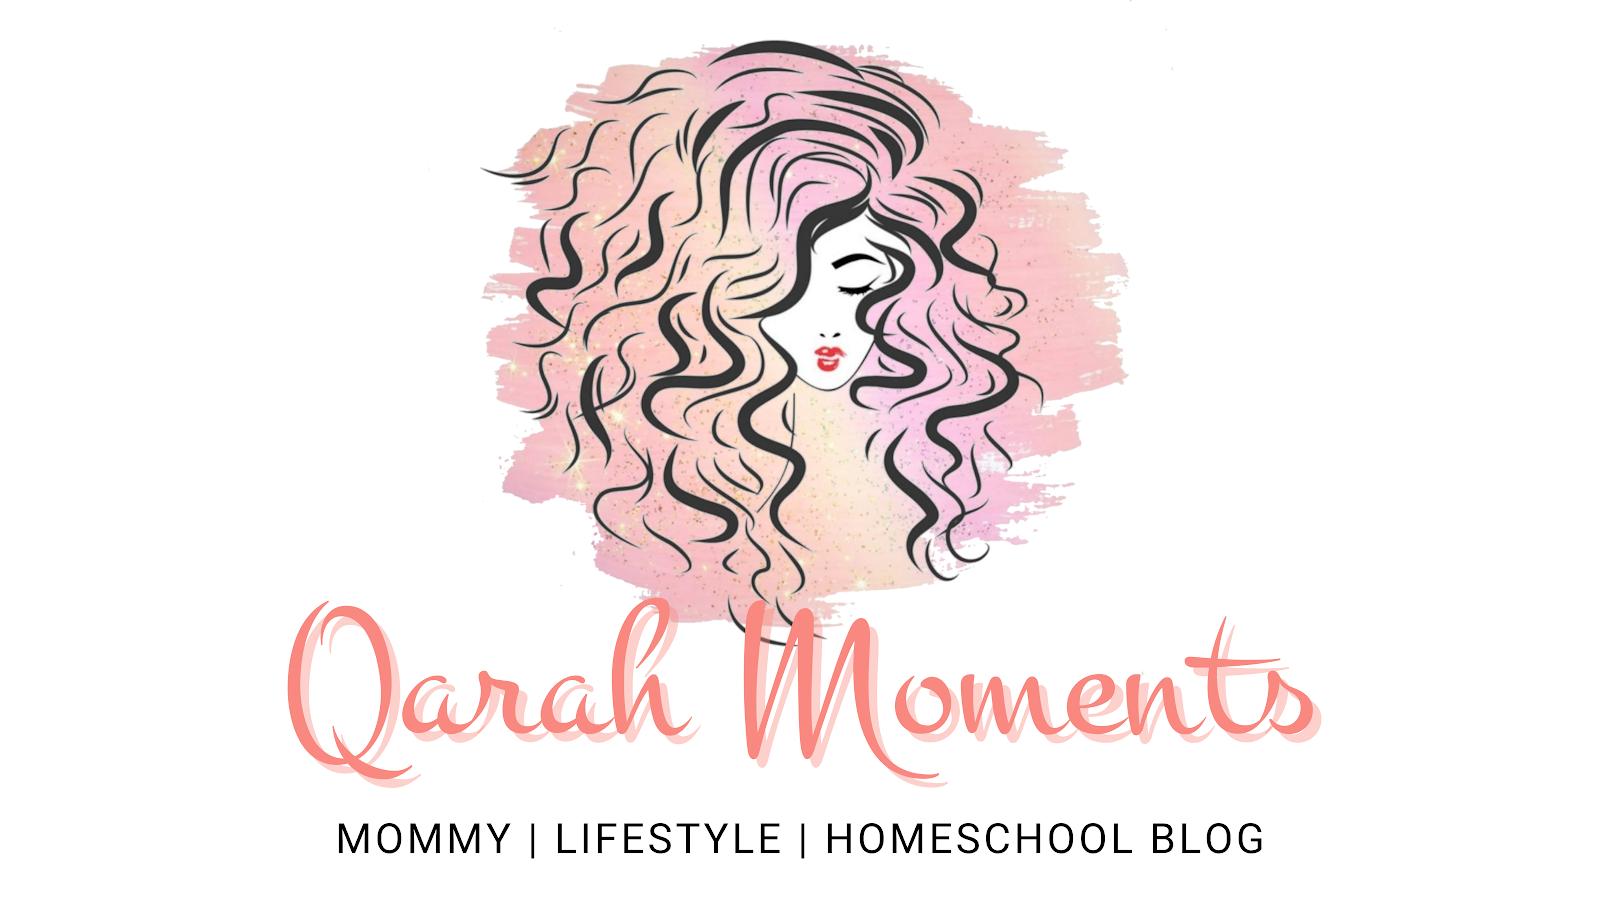 Qarah Moments